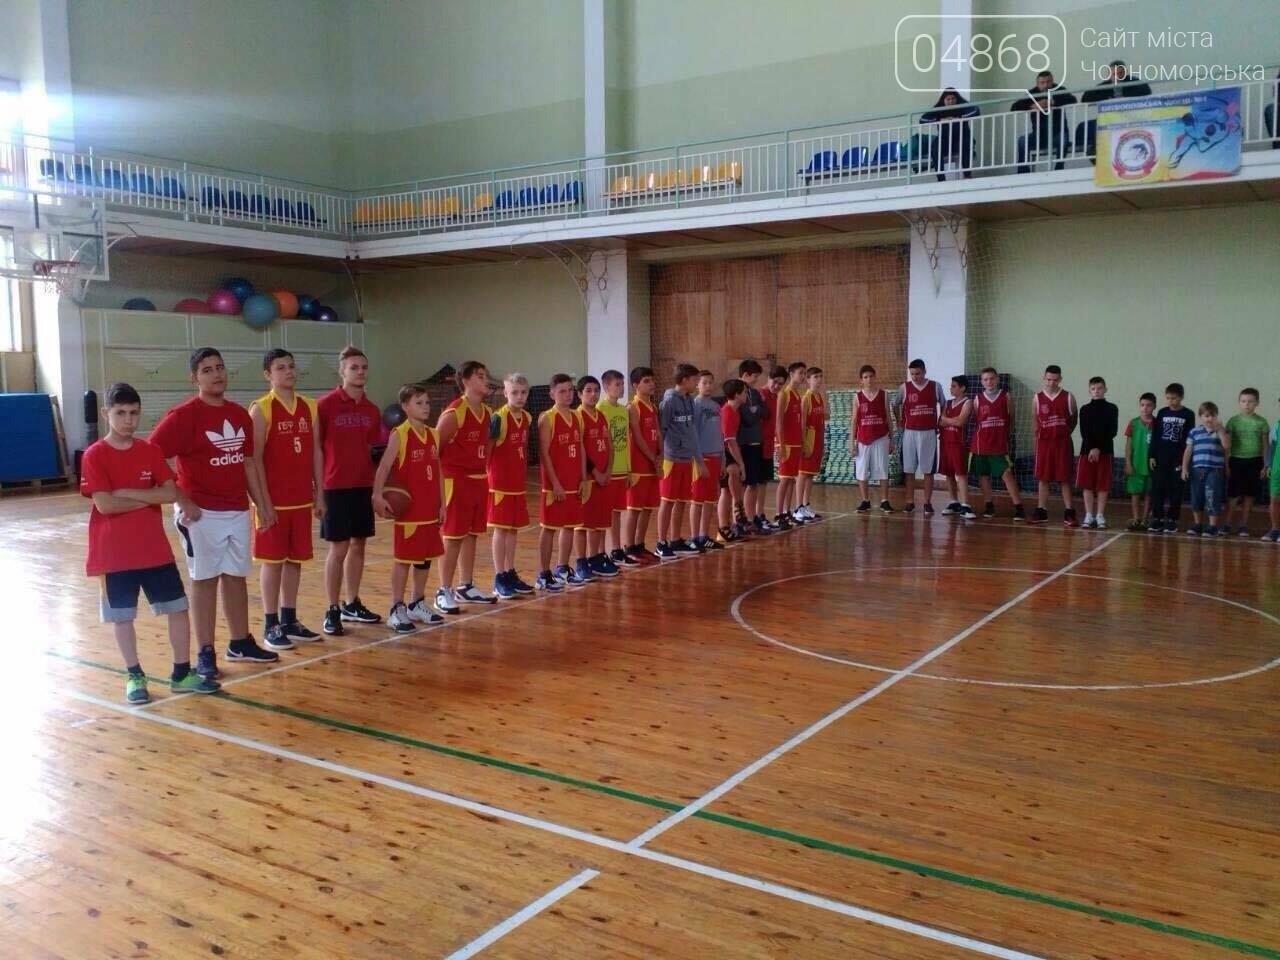 Стартовал ежегодный турнир по баскетболу Черноморская детская лига, фото-5